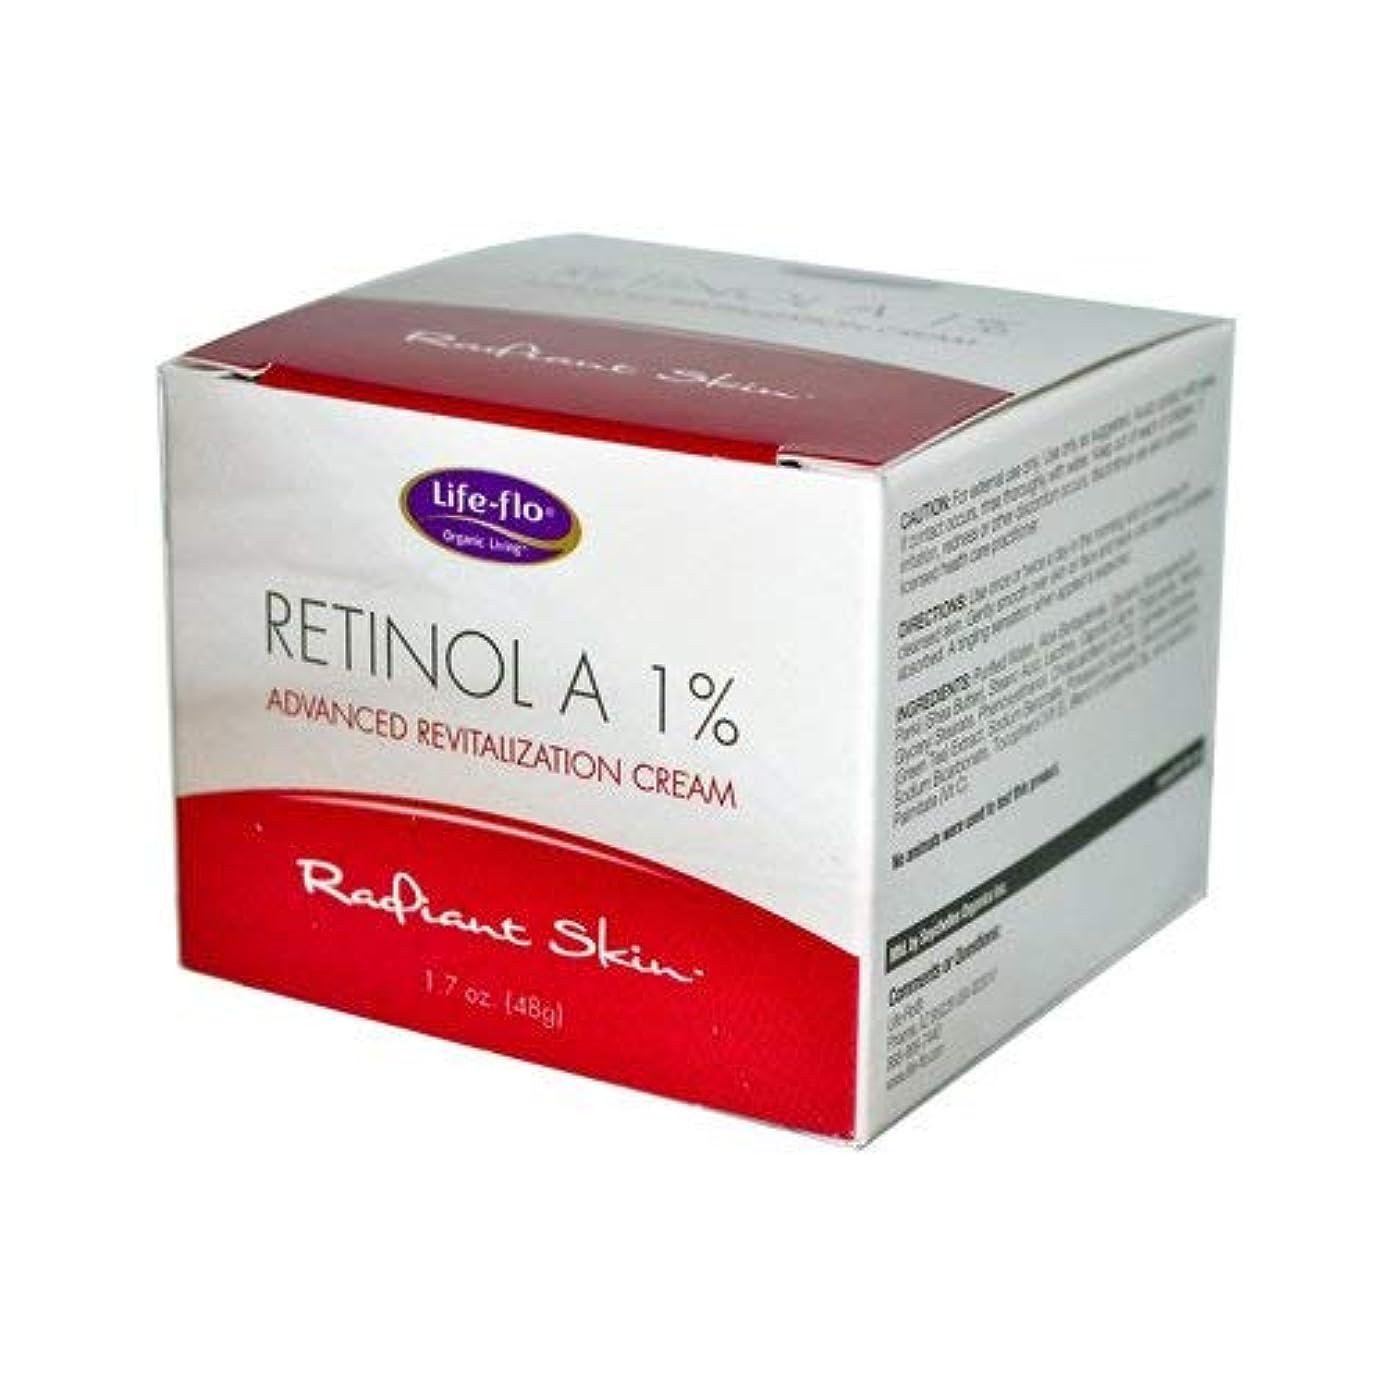 ロッジ女の子長いです海外直送品 Life-Flo Retinol A 1% Advanced Revitalization Cream, 1.7 oz- 4 Packs